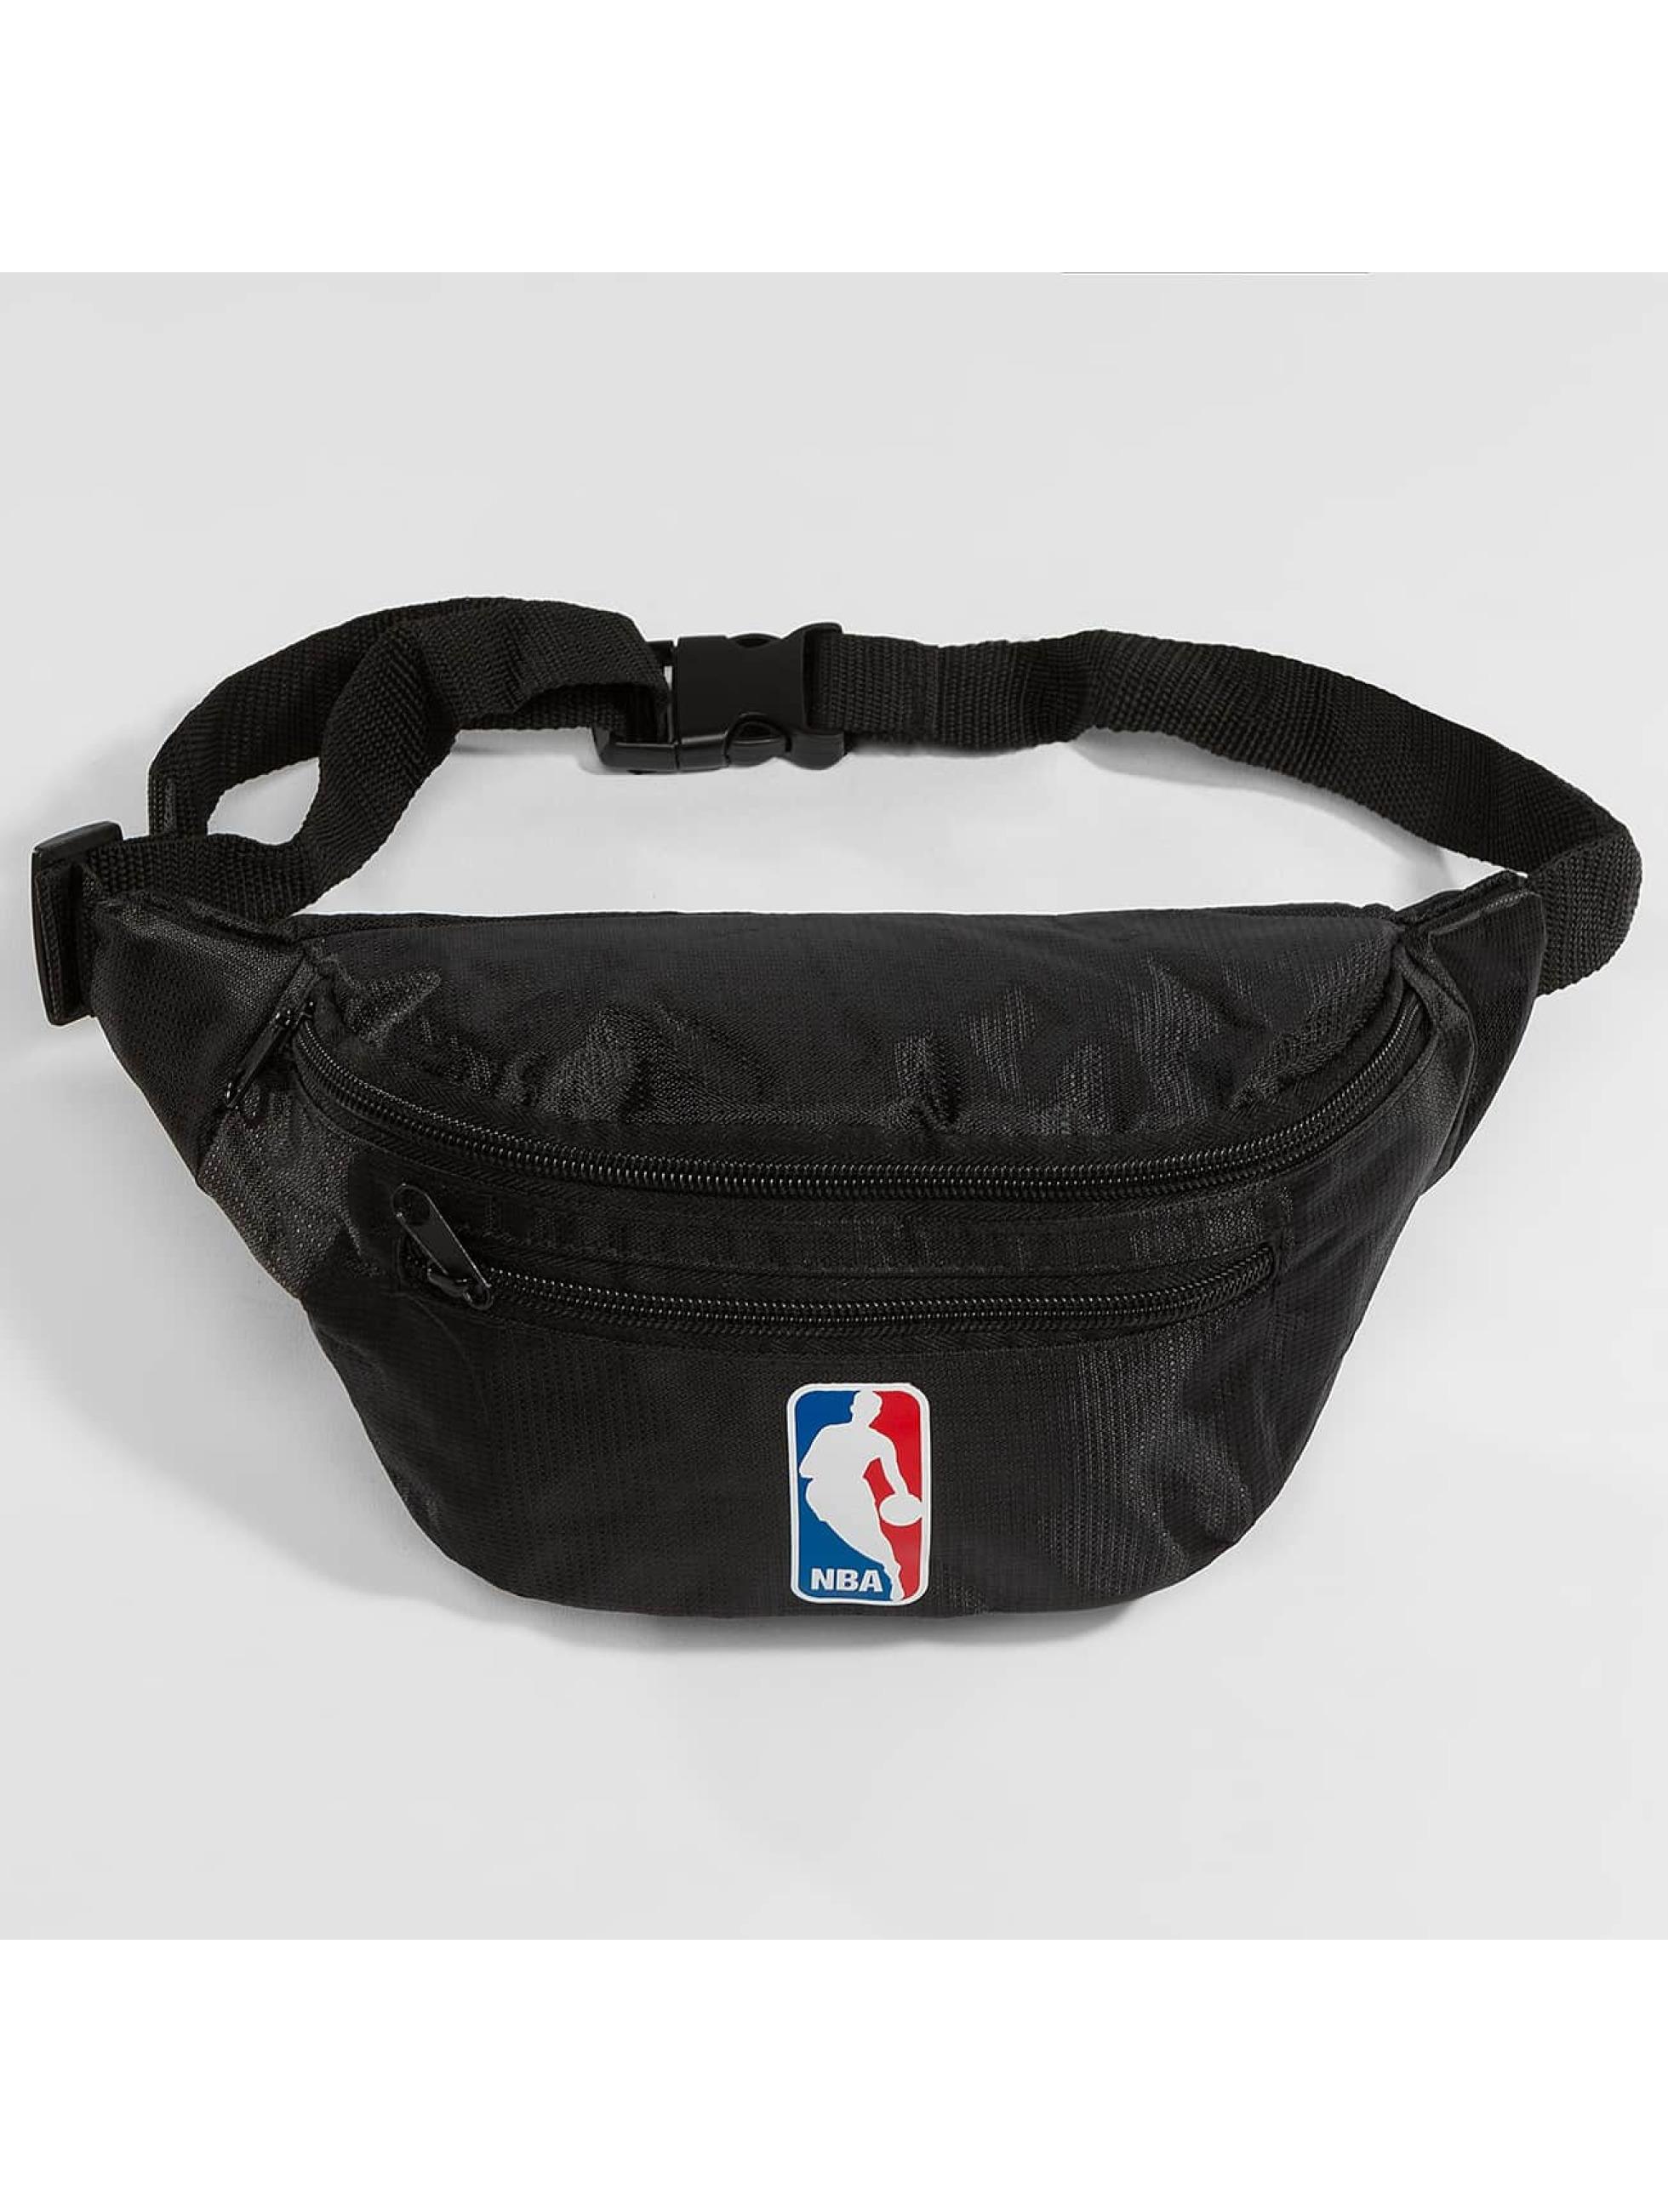 Forever Collectibles Tasche NBA Logo schwarz